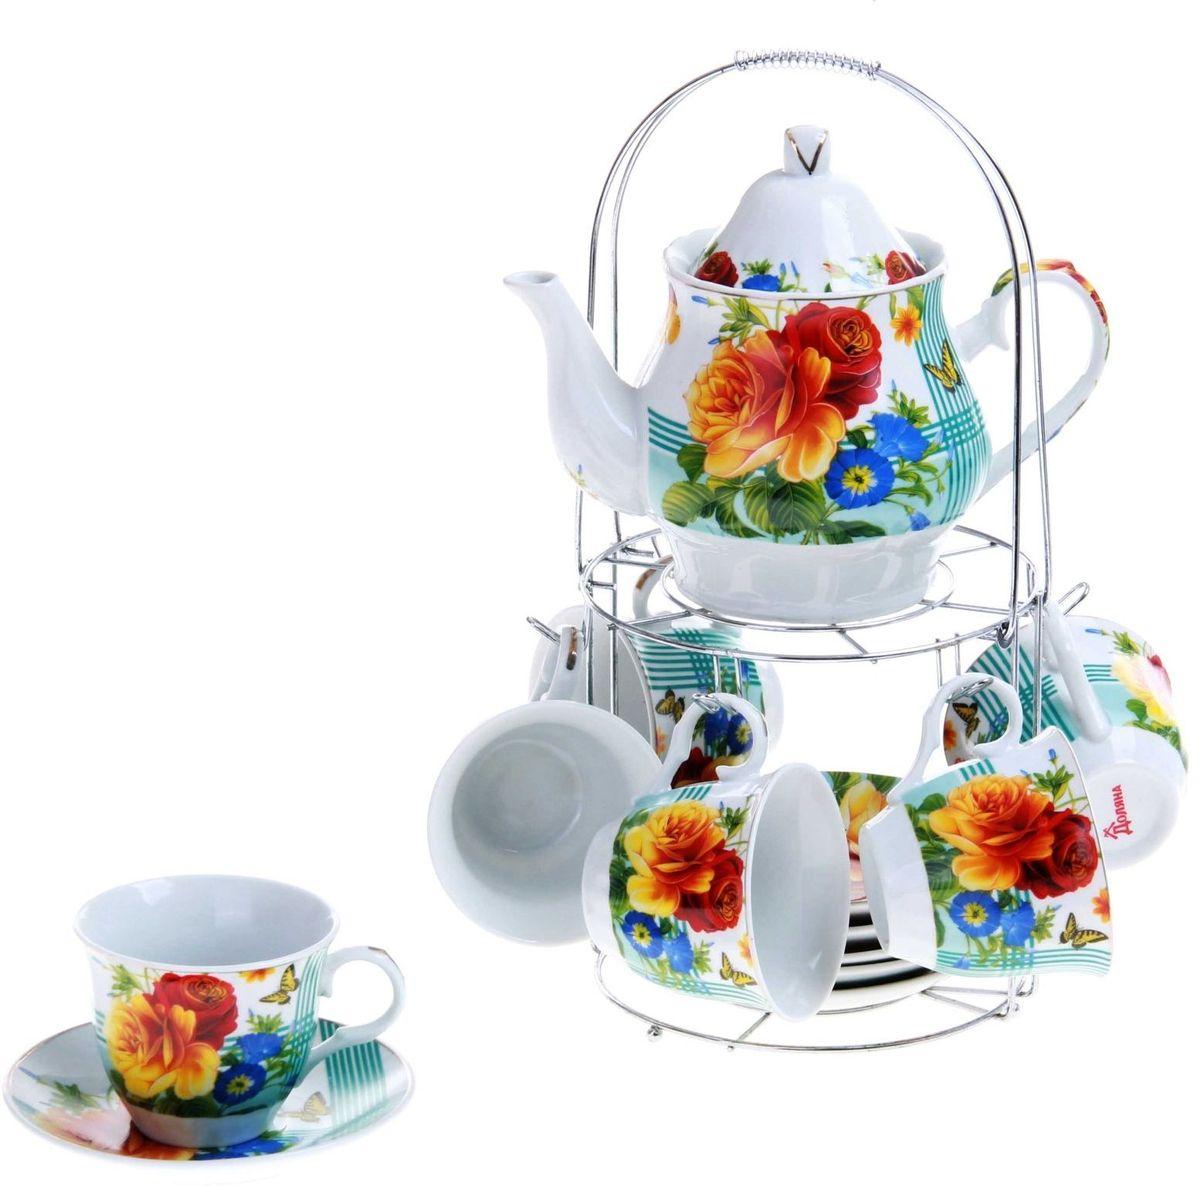 Набор чайный Доляна Мари, 13 предметов240612Какую посуду выбрать для чаепития? Конечно, традиционный напиток по необходимости можно пить и из помятой алюминиевой кружки. Но все-таки большинство хозяек стараются приобрести изящные и оригинальные модели для эстетического наслаждения неповторимым вкусом и тонким ароматом хорошего чая. Кухонная керамика сочетает в себе бытовую практичность и декоративную утонченность. Нарядный комплект обязательных для чаепития атрибутов изготовлен на родине древнего напитка и привнесет в каждую трапезу особую энергетику.